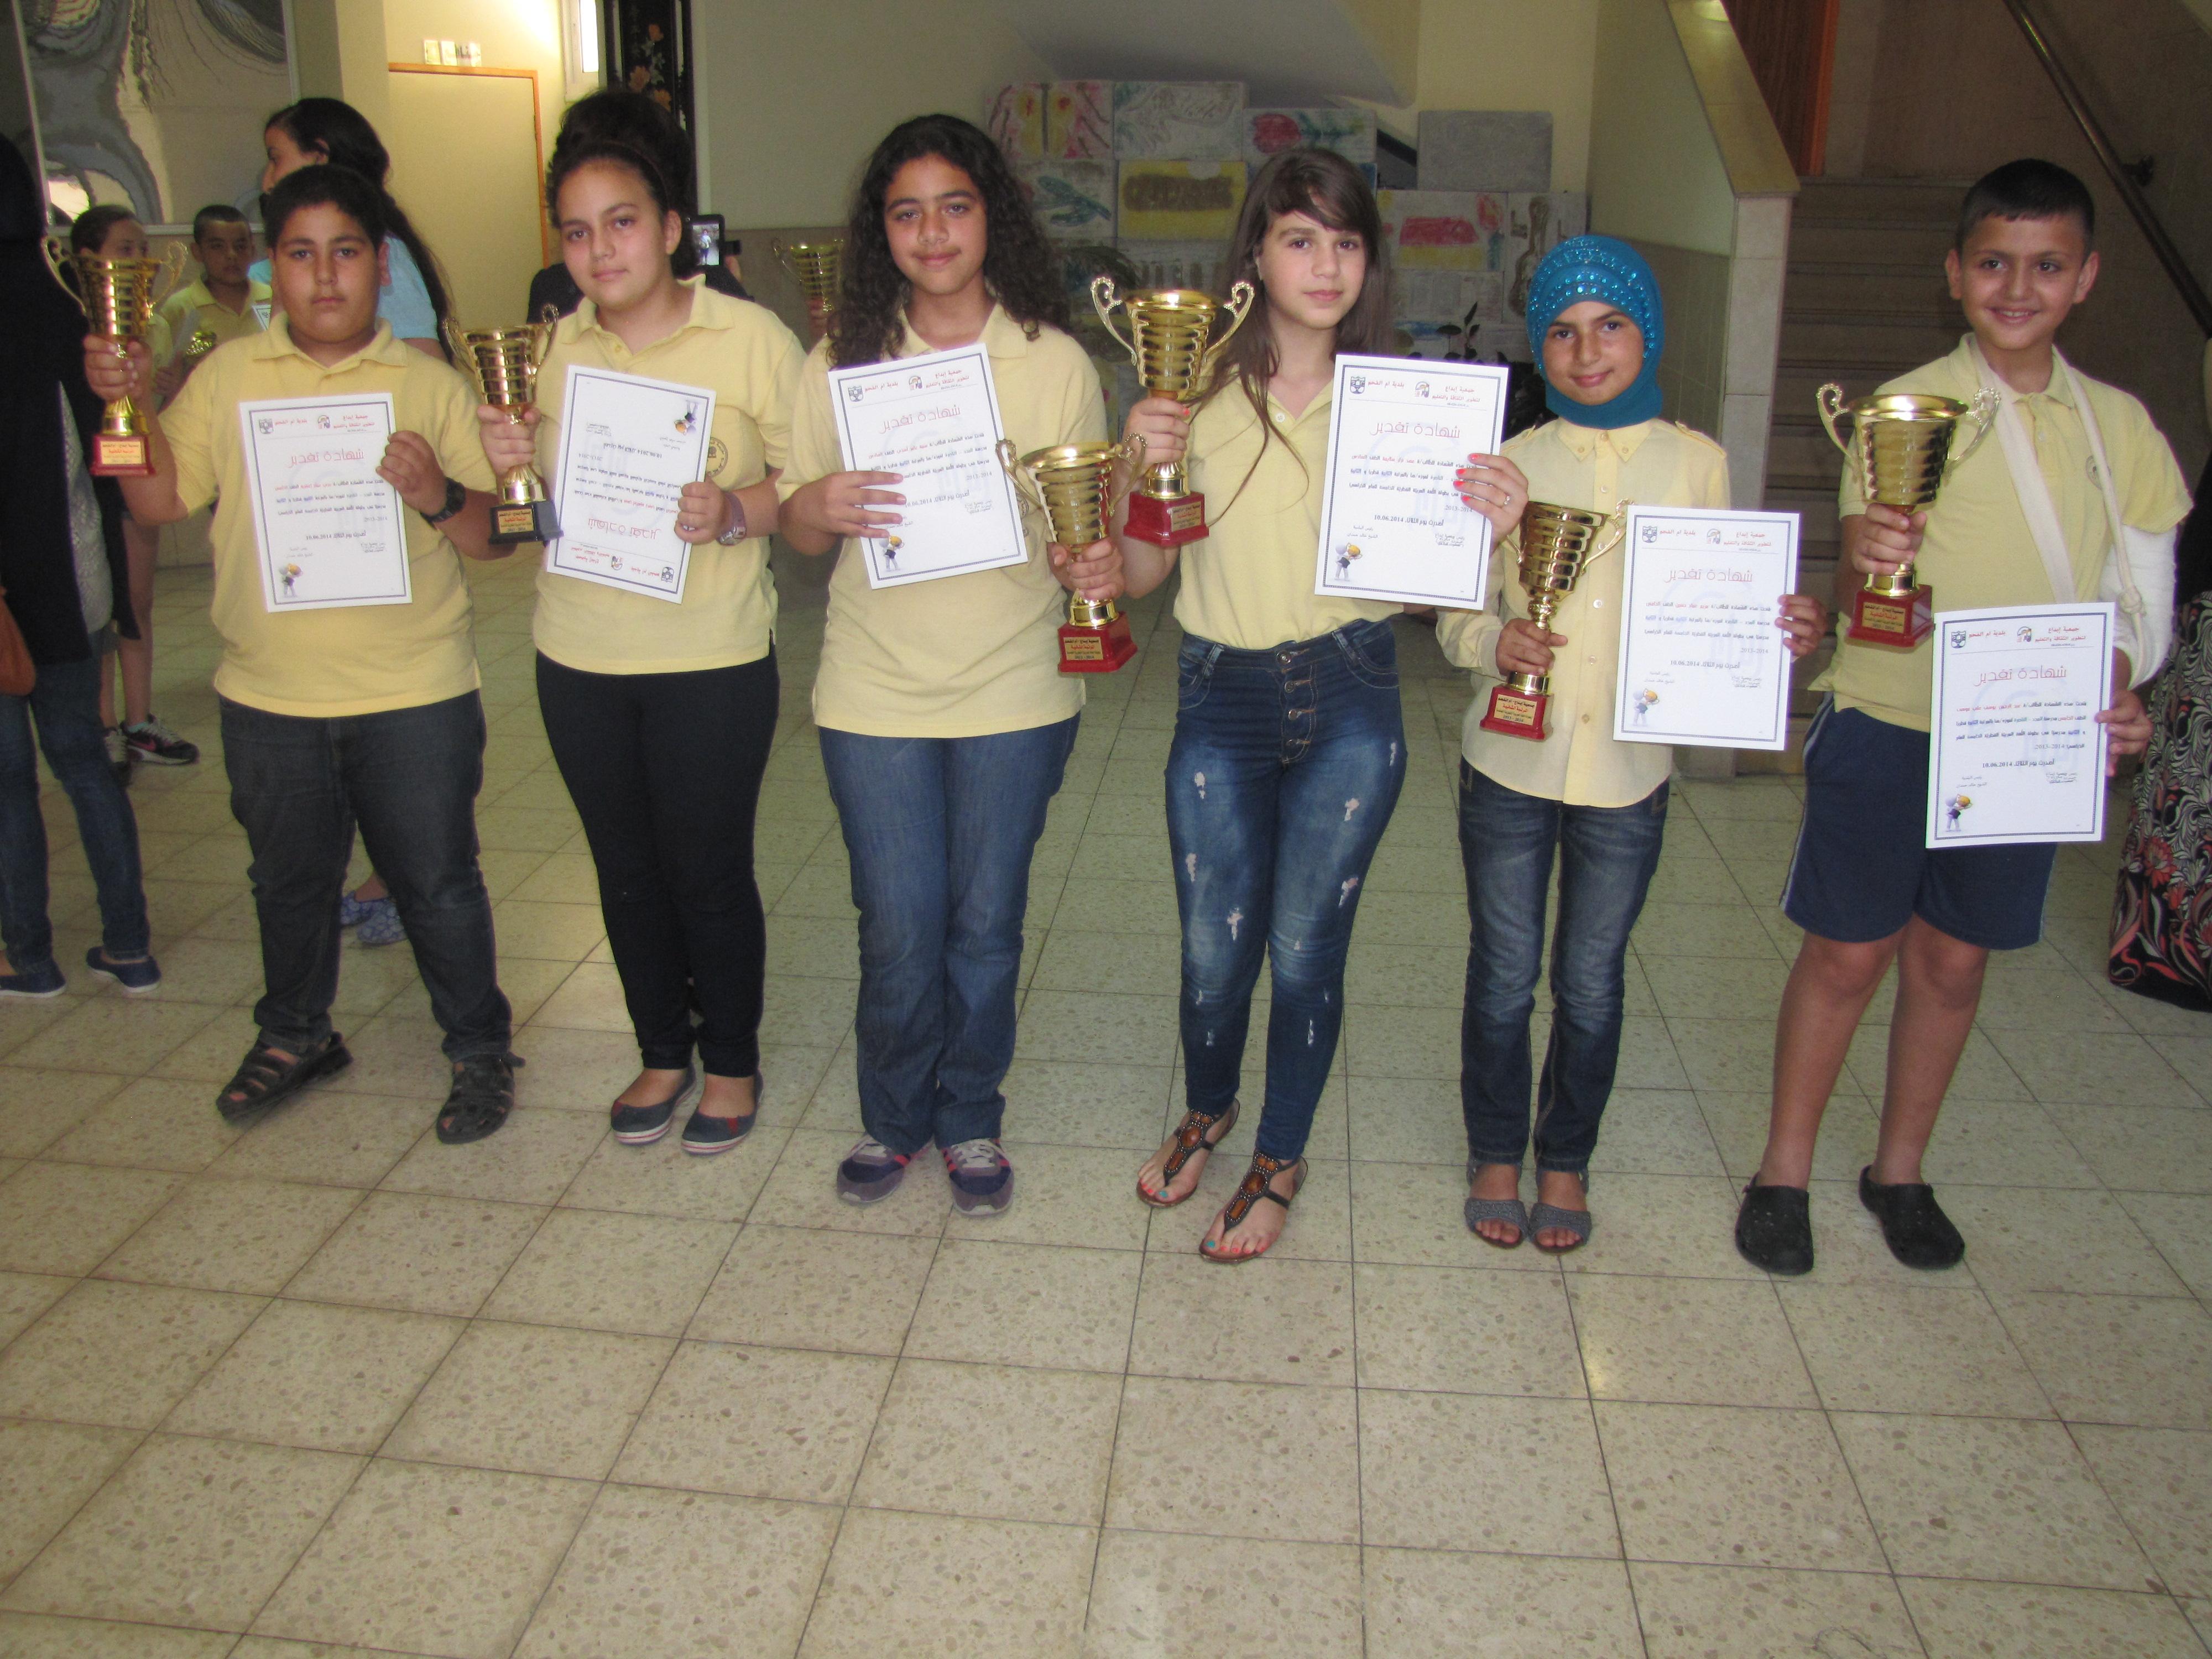 تقرير وصور تكريم الفائزين ببطولة اللغة العربية القطرية الخامسة عشرة